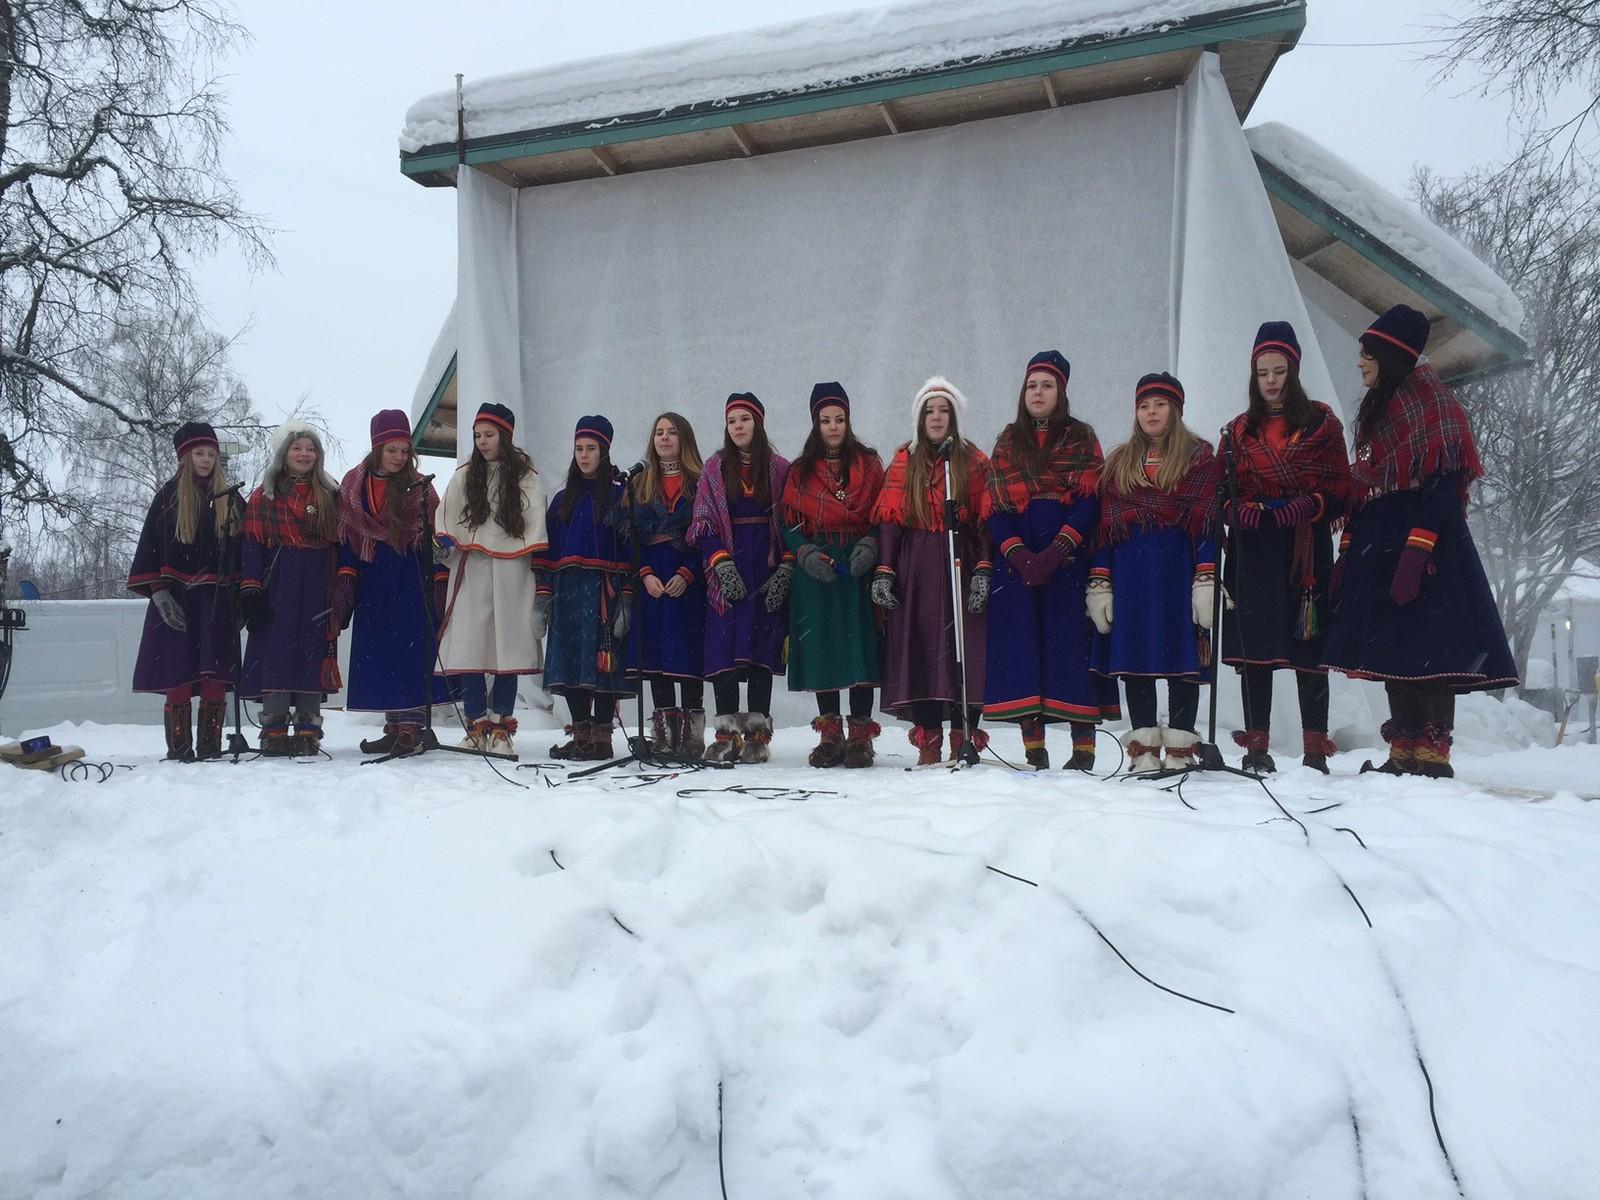 Det lulesamisk koret Vaajmoe sang flere sanger under feiringen av samenes nasjonaldag.